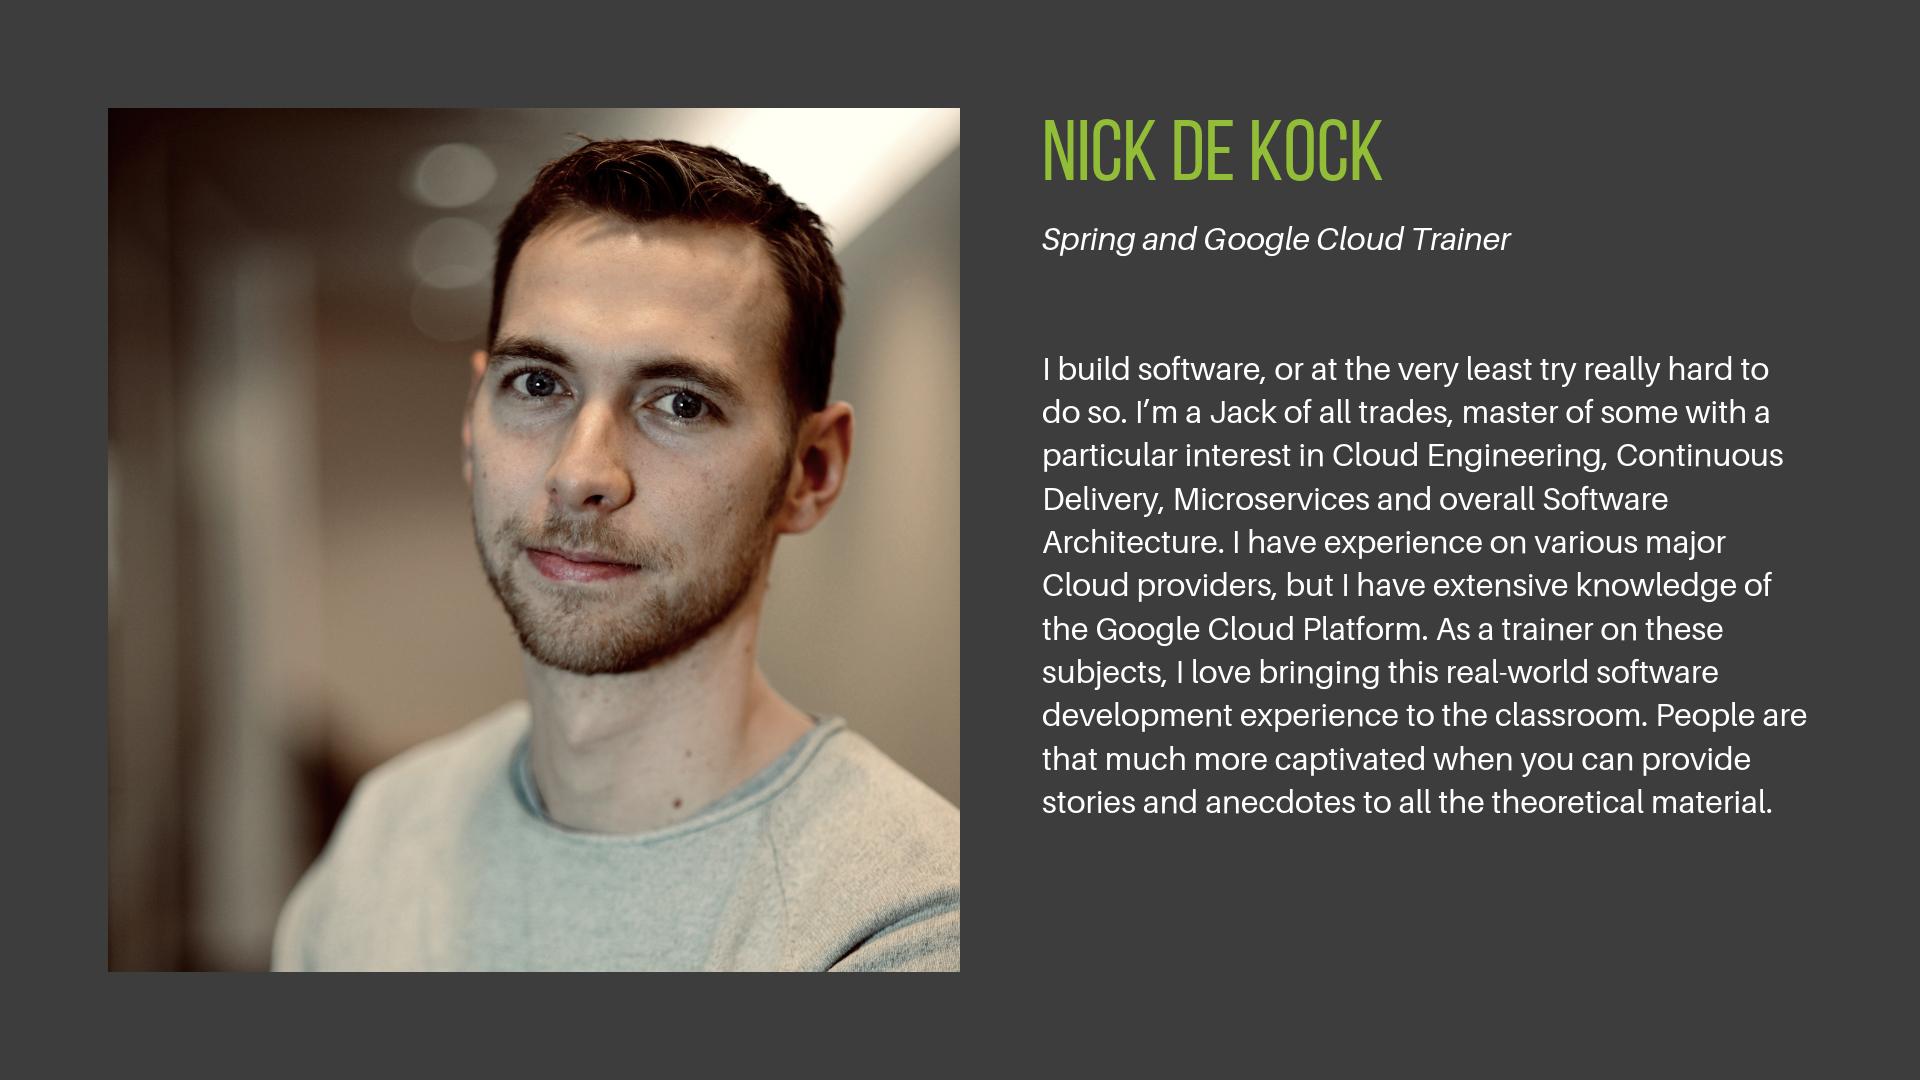 Nick De Kock